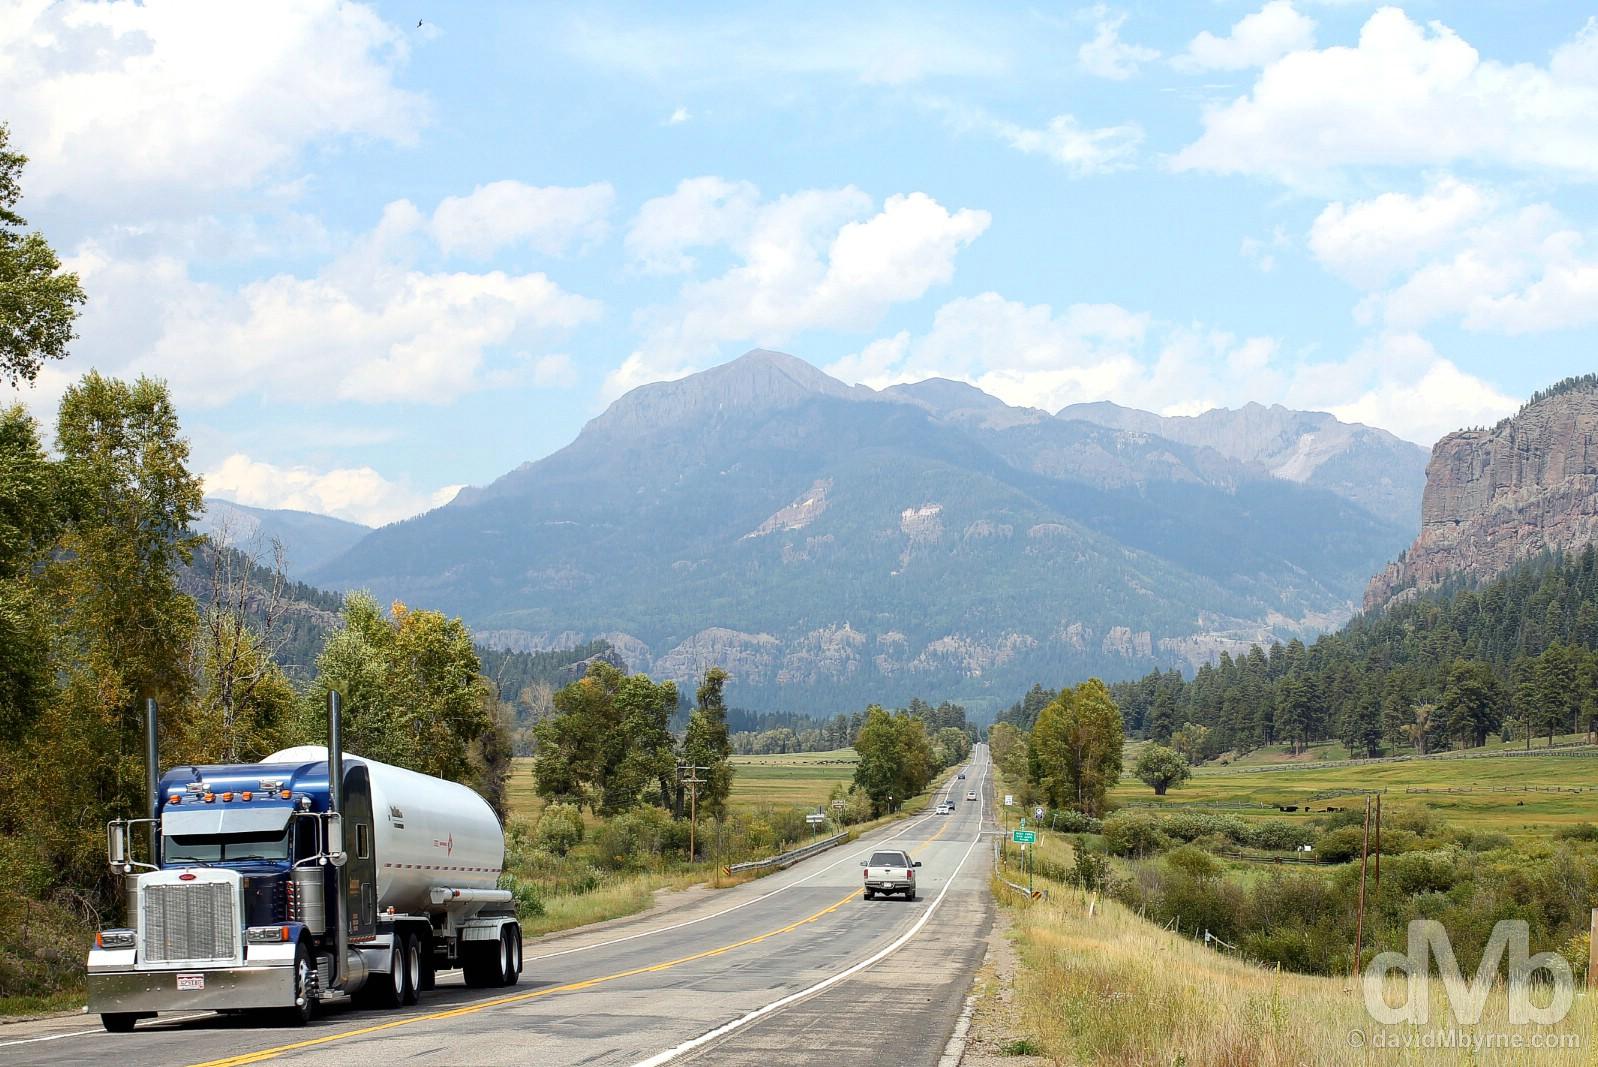 US Highway 160, Colorado, USA. September 12, 2016.